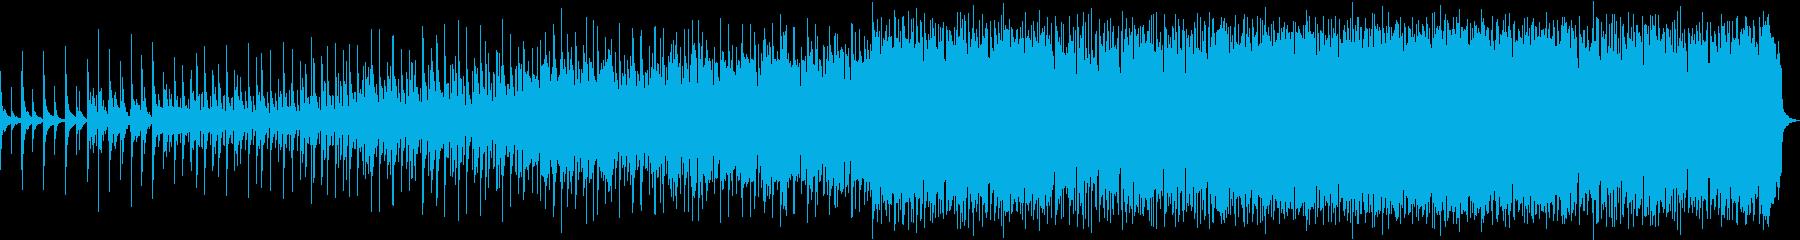 忍者・江戸・壮大で勢いある和風ロックの再生済みの波形